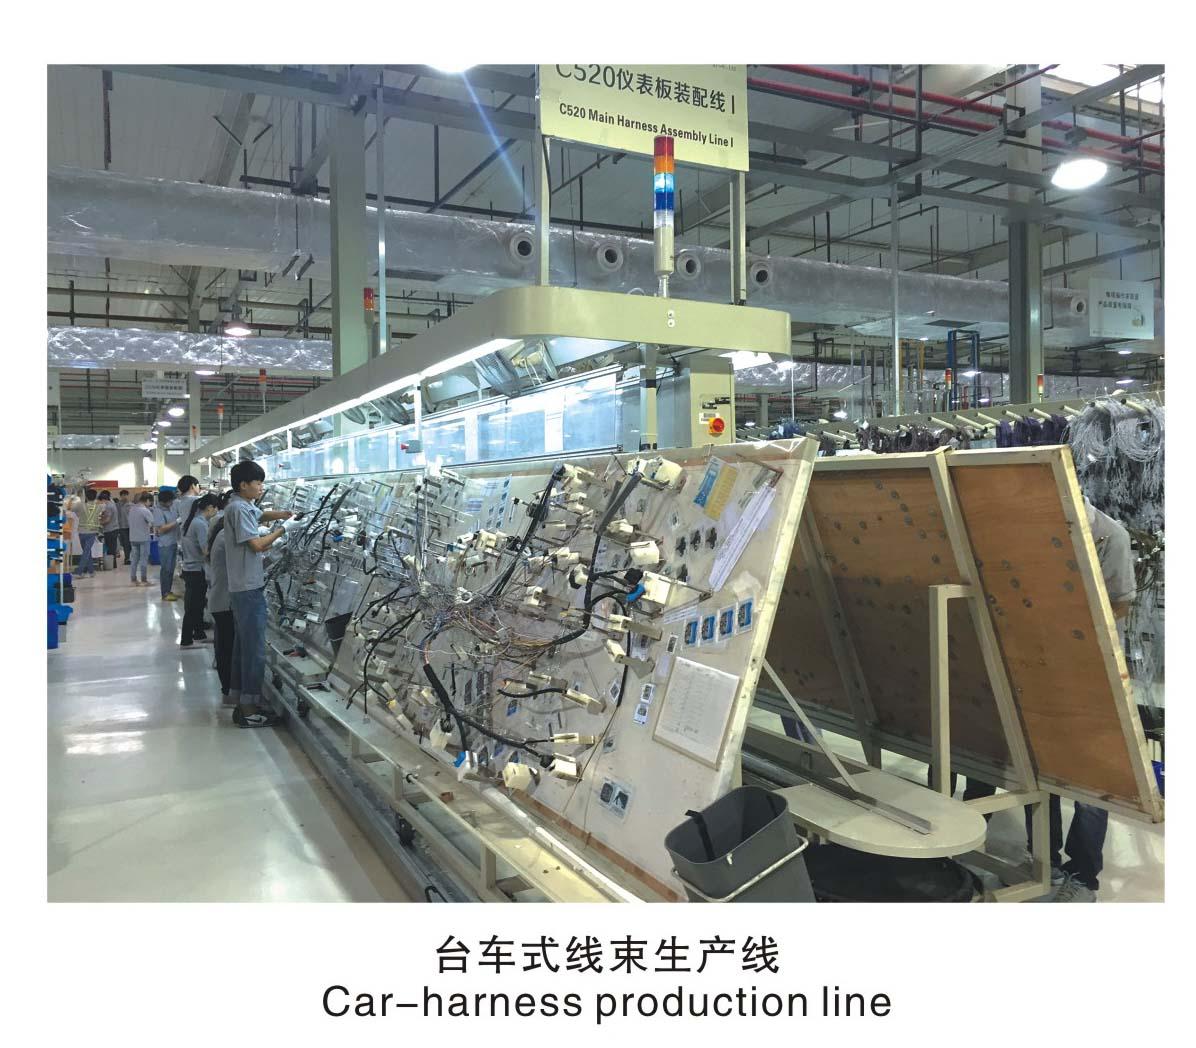 四川台車式線束生產線